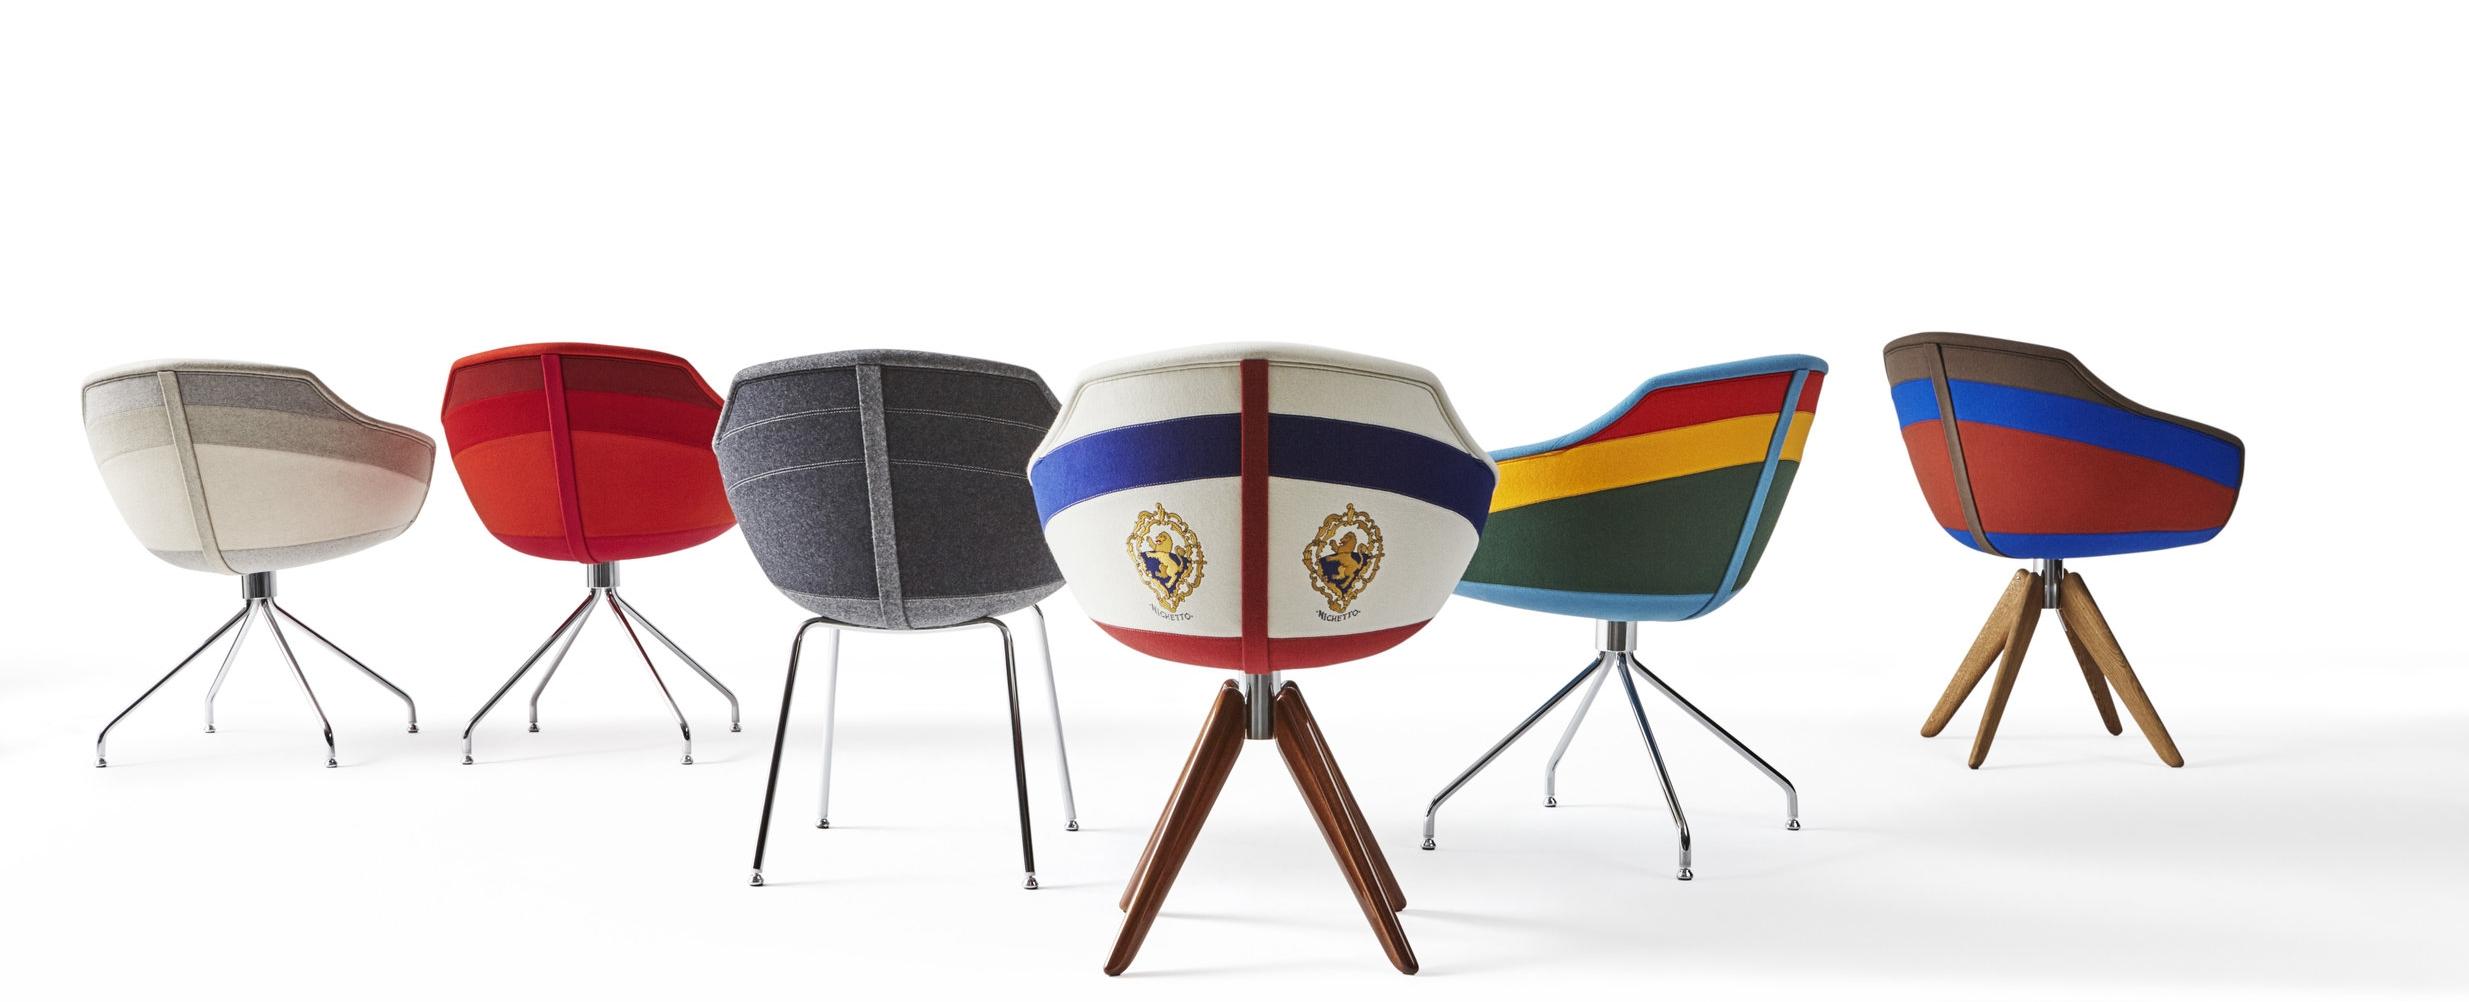 Canal chair by Luca Nuchetta for Moooi.